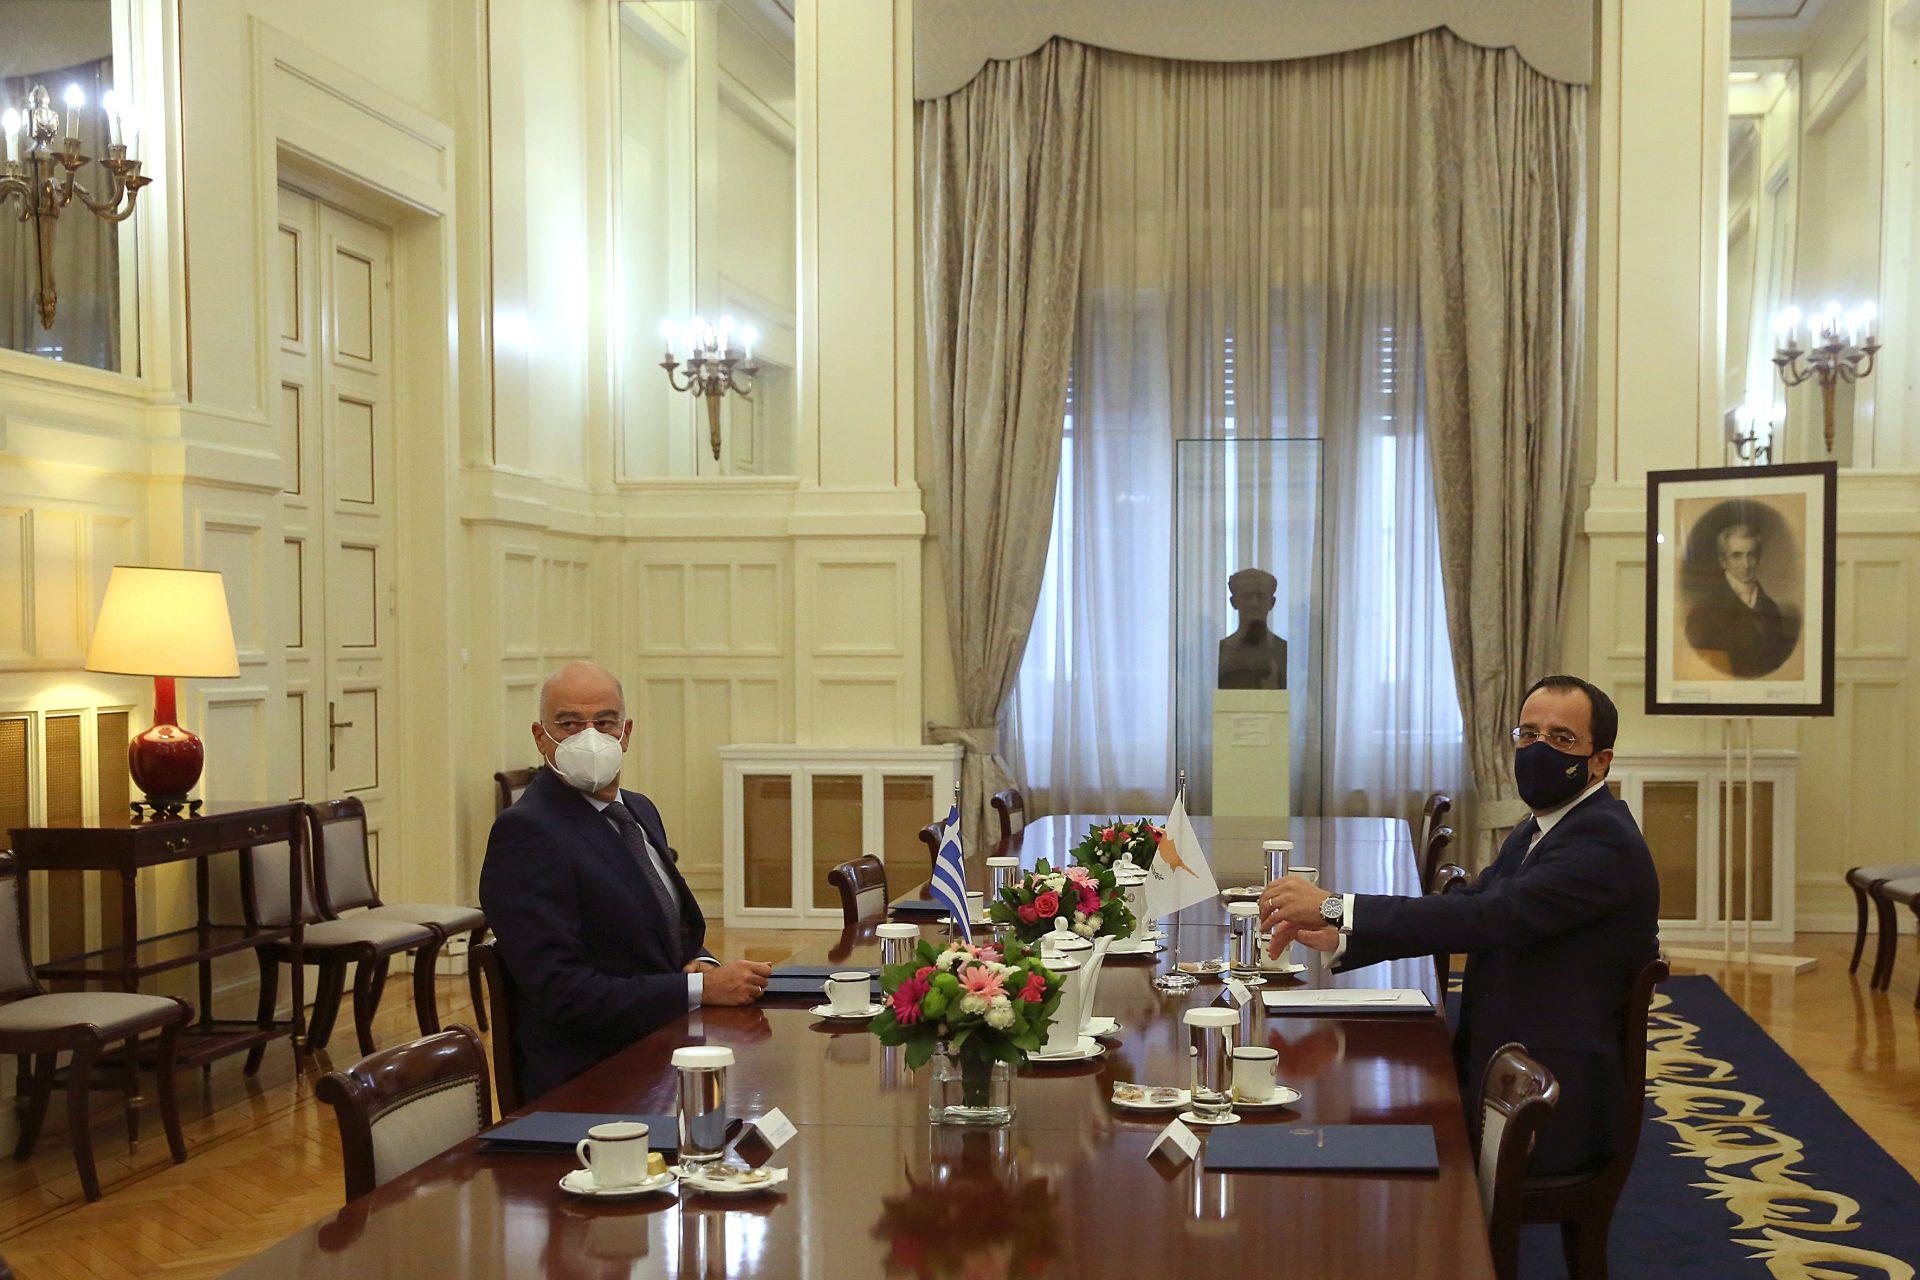 Κυπριακό και Αν. Μεσόγειος στο επίκεντρο της συνάντησης Δένδια-Χριστοδουλίδη